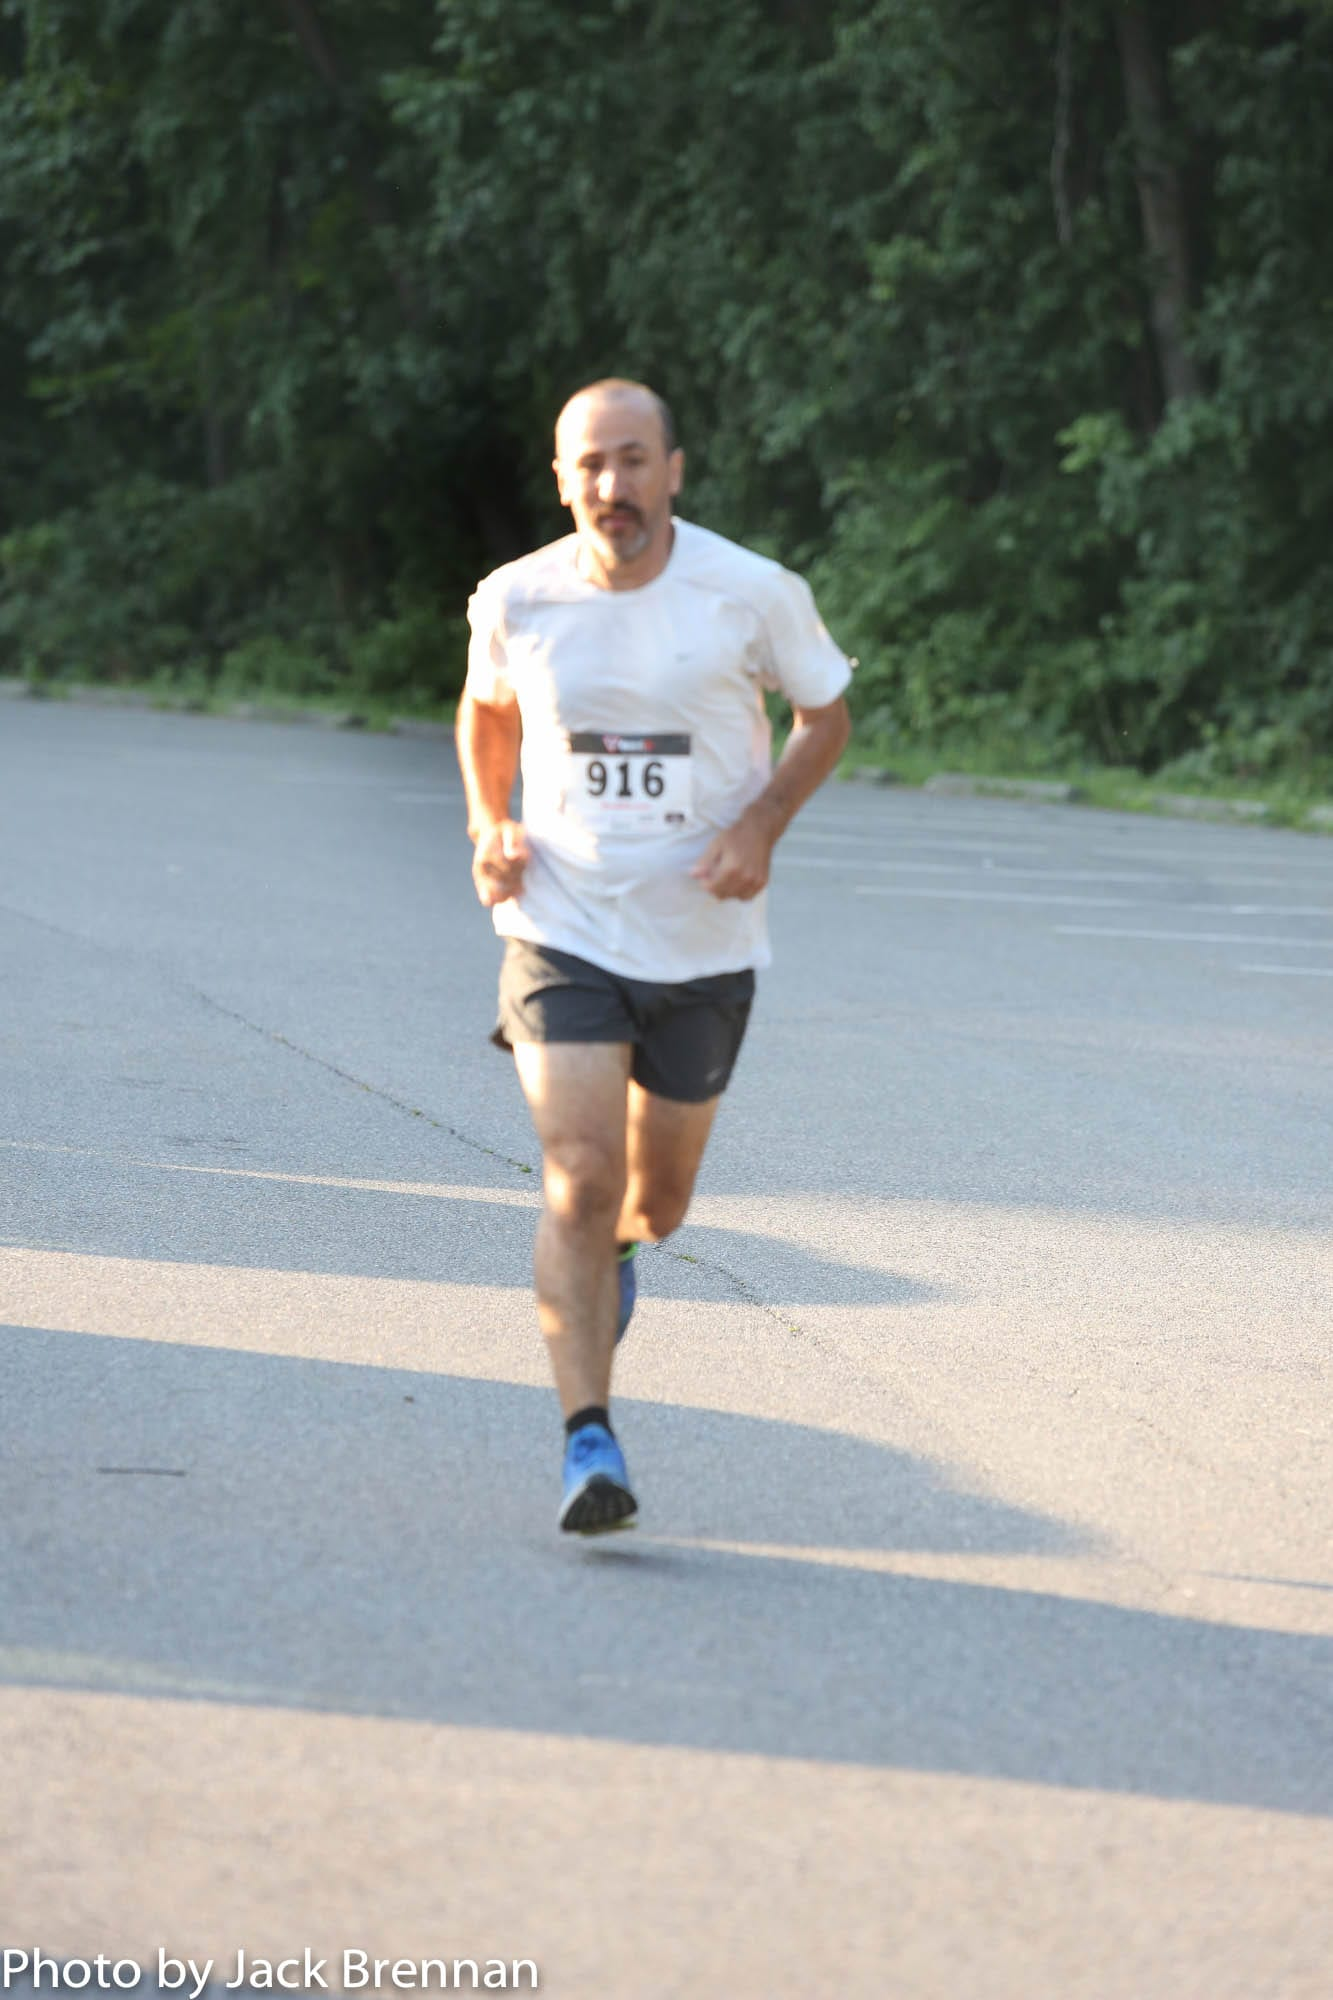 032 - Putnam County Classic 2016 Taconic Road Runners - BA3A0356